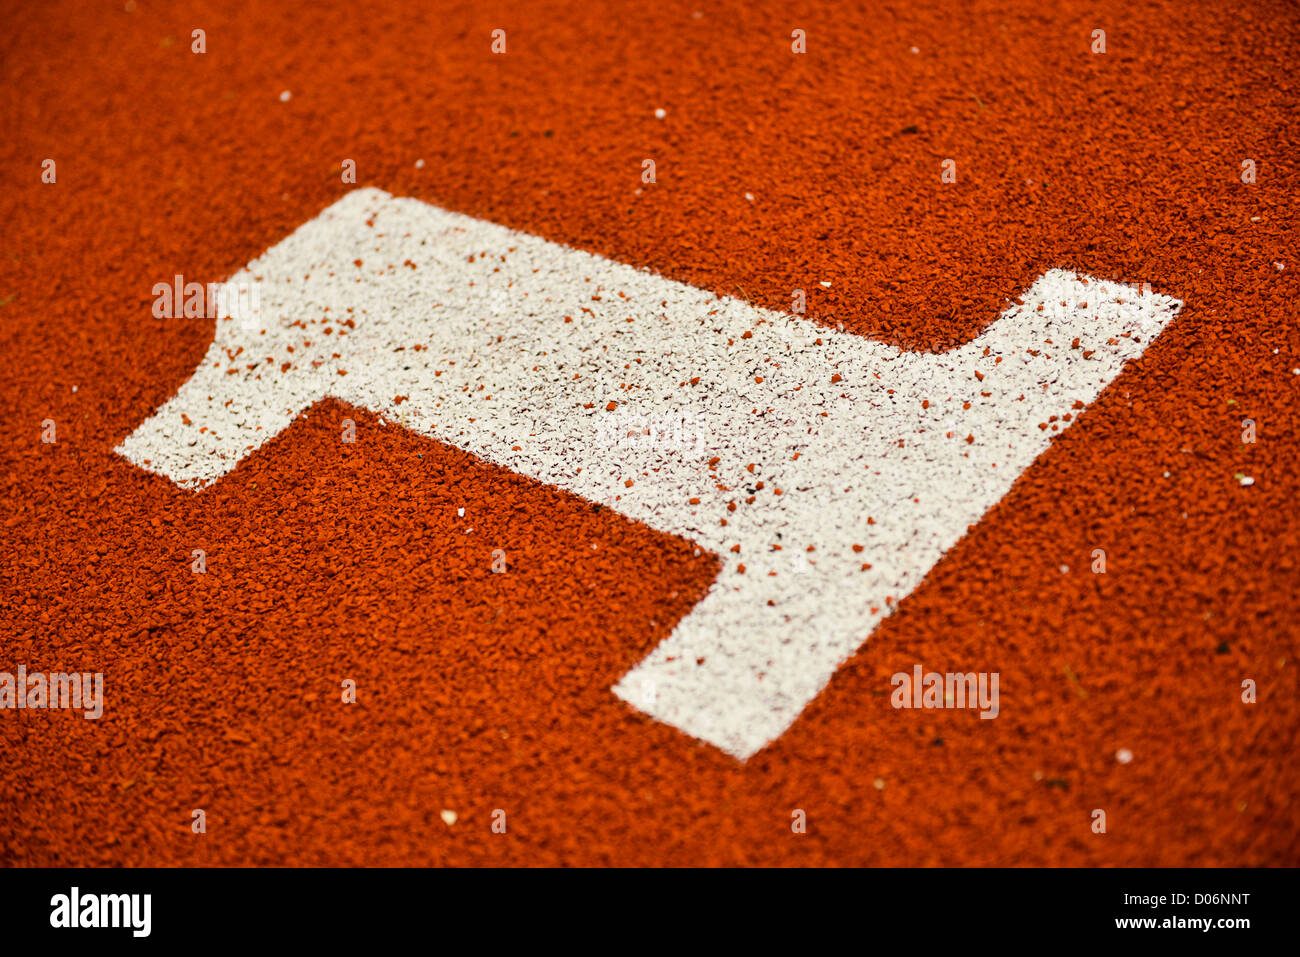 Carril número uno en una pista de atletismo Imagen De Stock